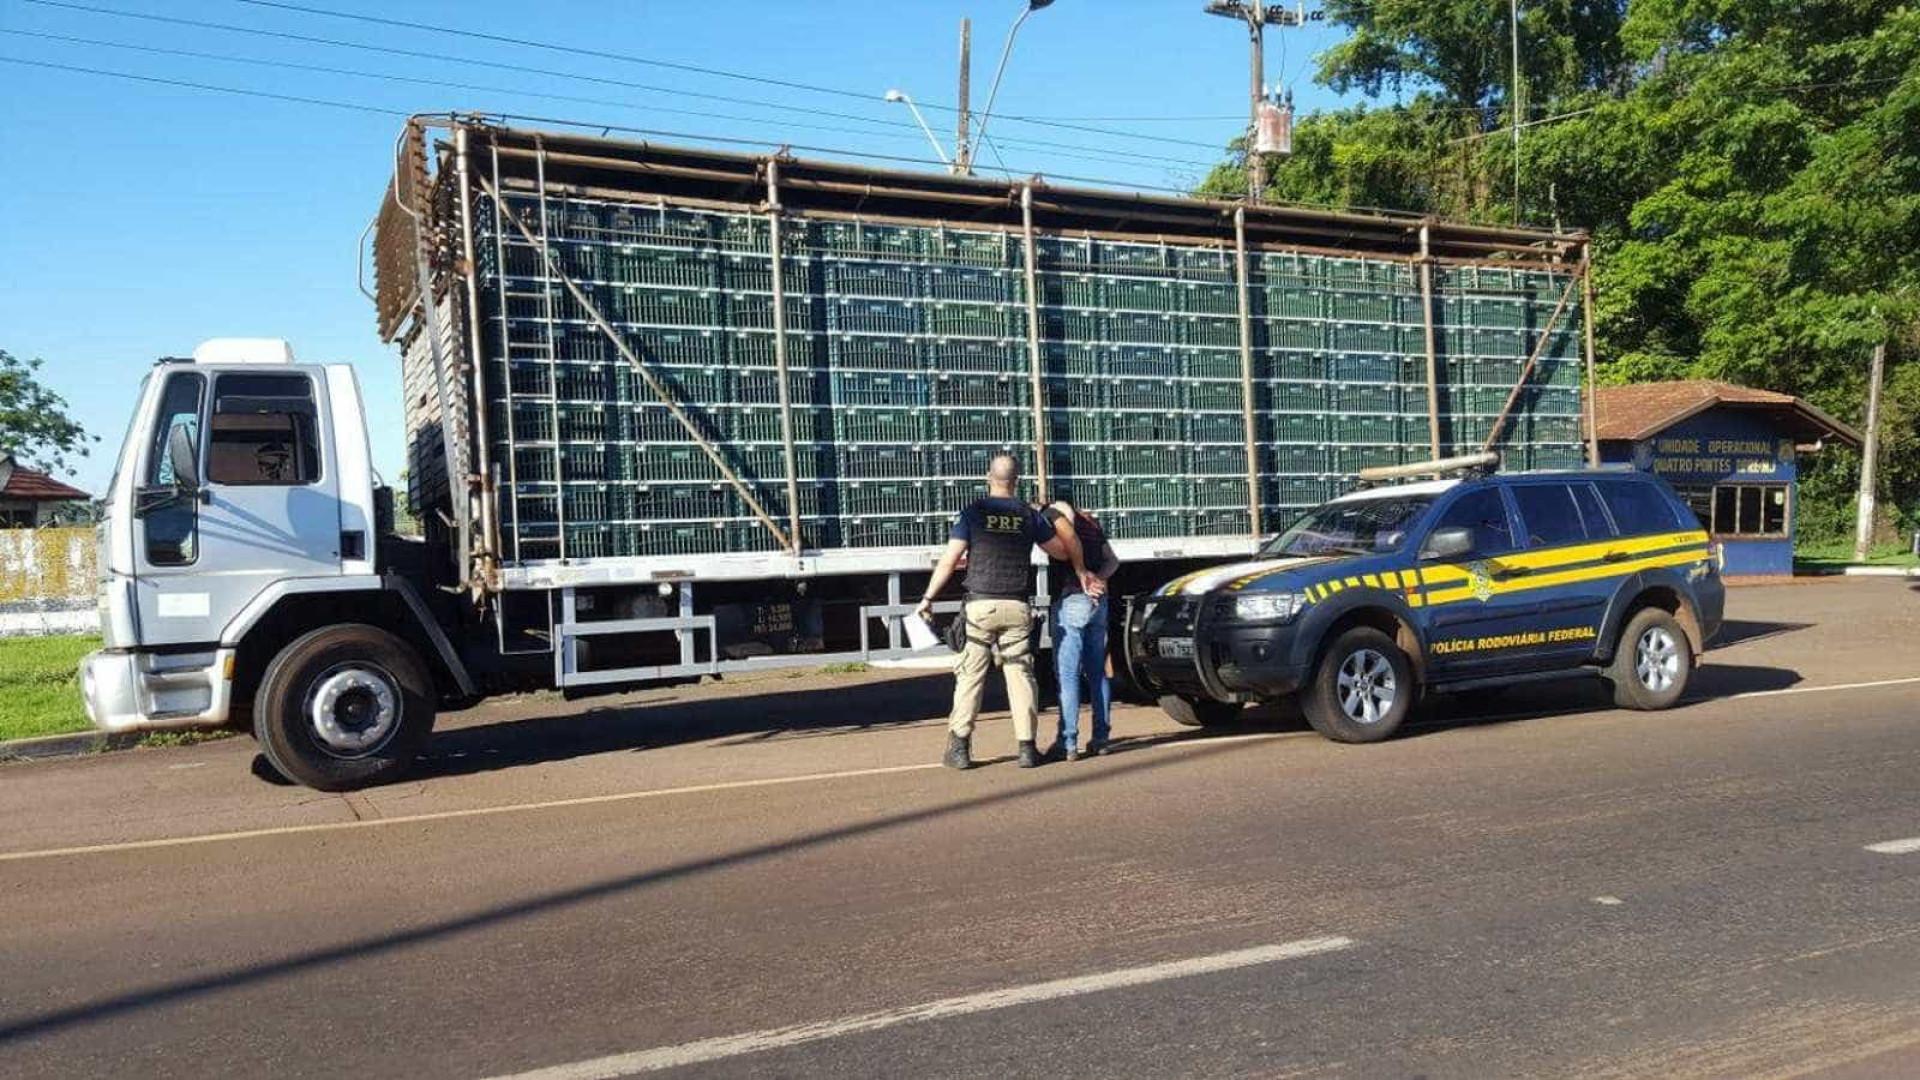 Polícia faz operação contra roubo de cargas no Rio de Janeiro